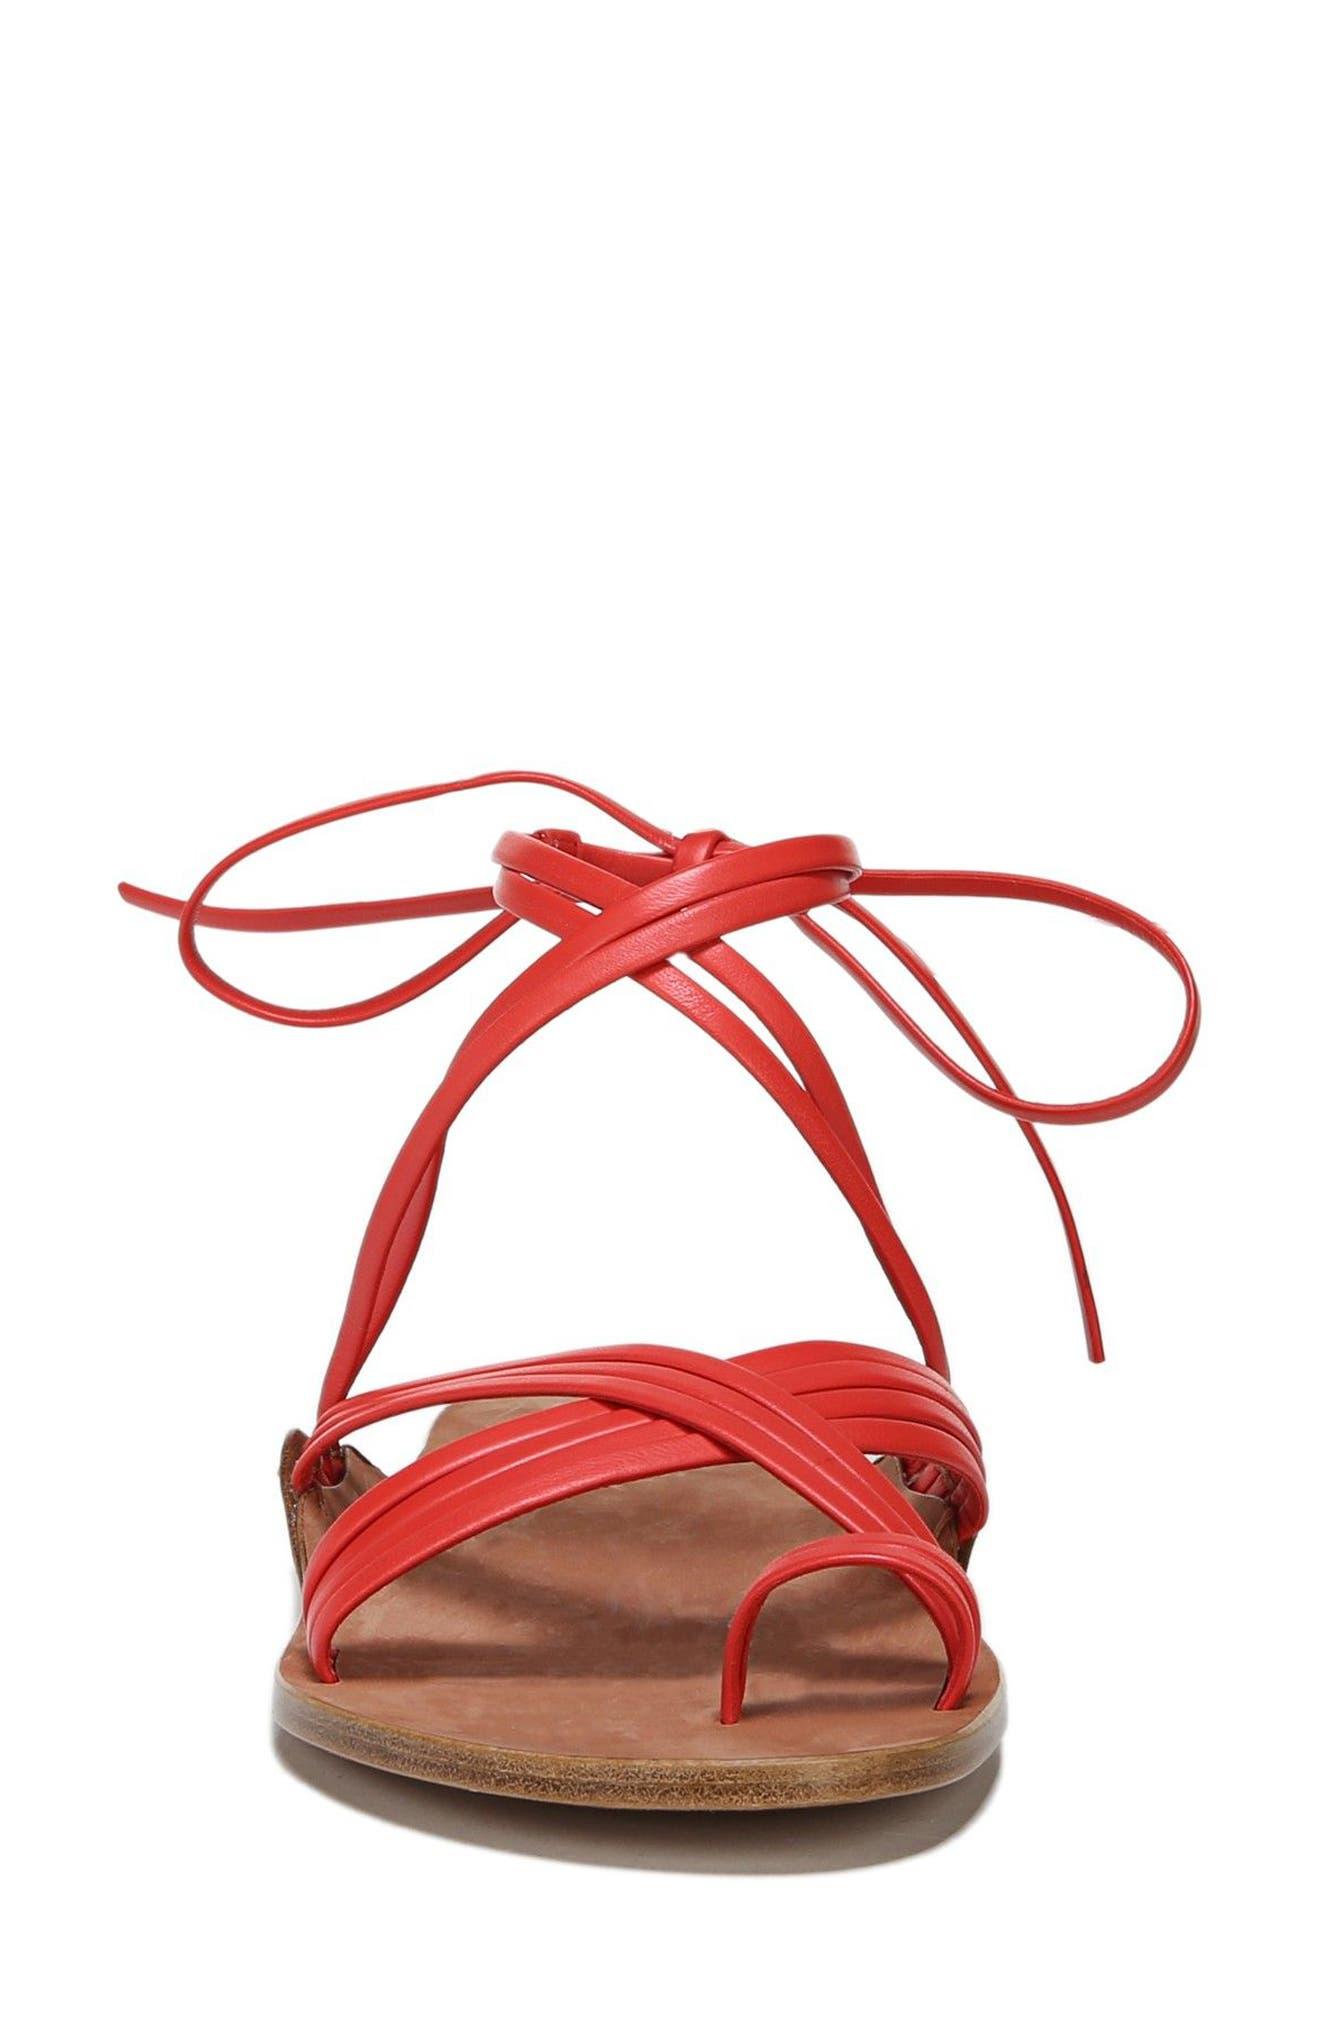 Allegra Sandal,                             Alternate thumbnail 4, color,                             Poppy Red Leather